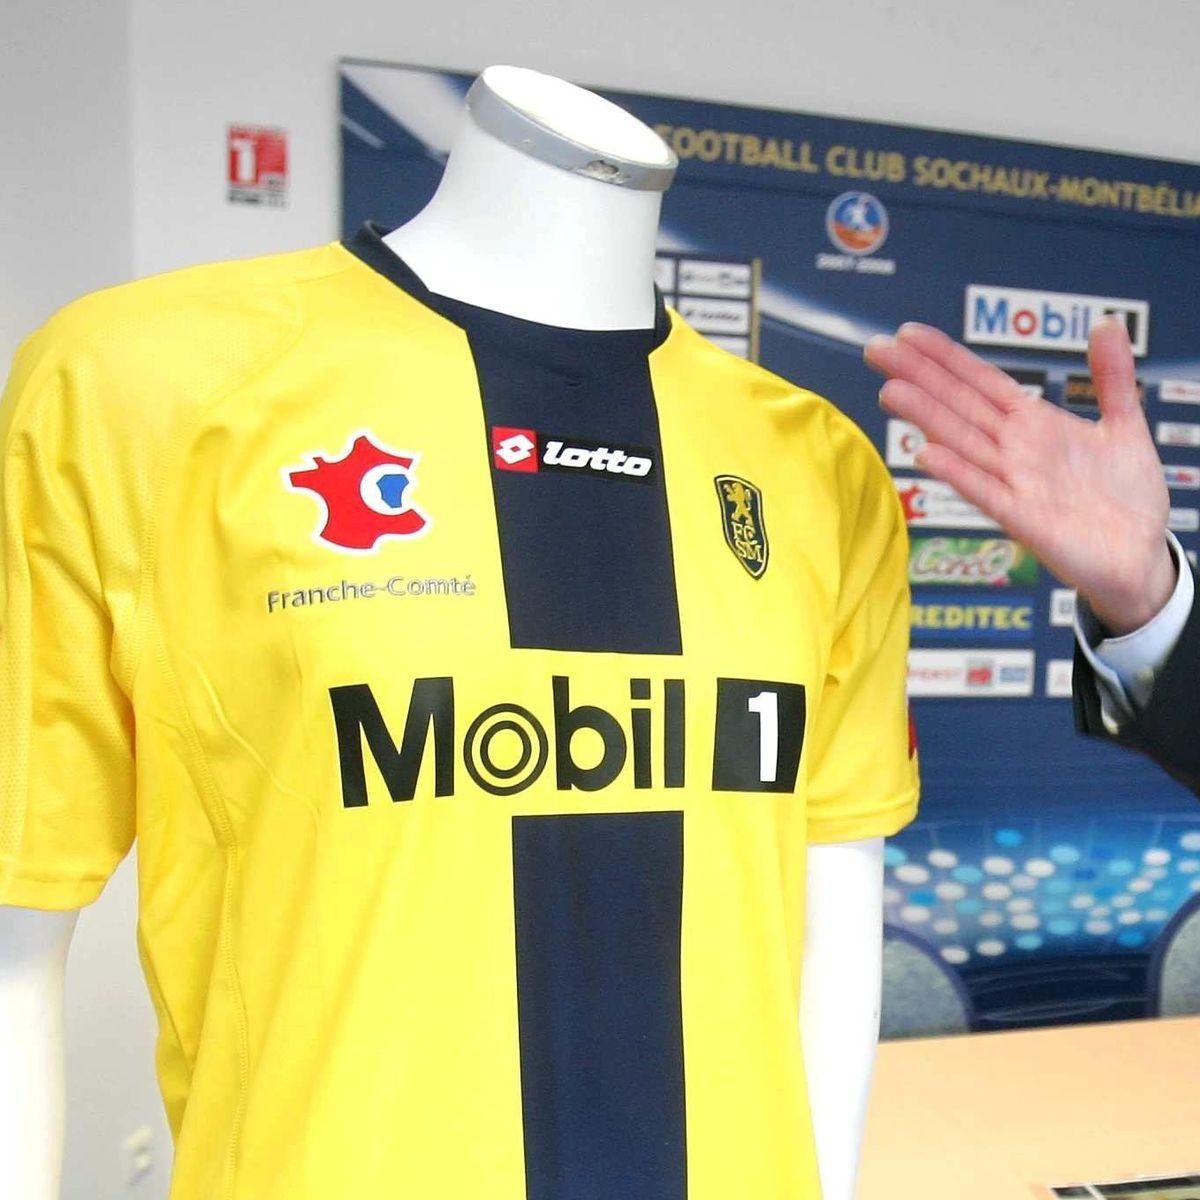 Après 16 ans sous la marque Lotto, le FC Sochaux Montbéliard